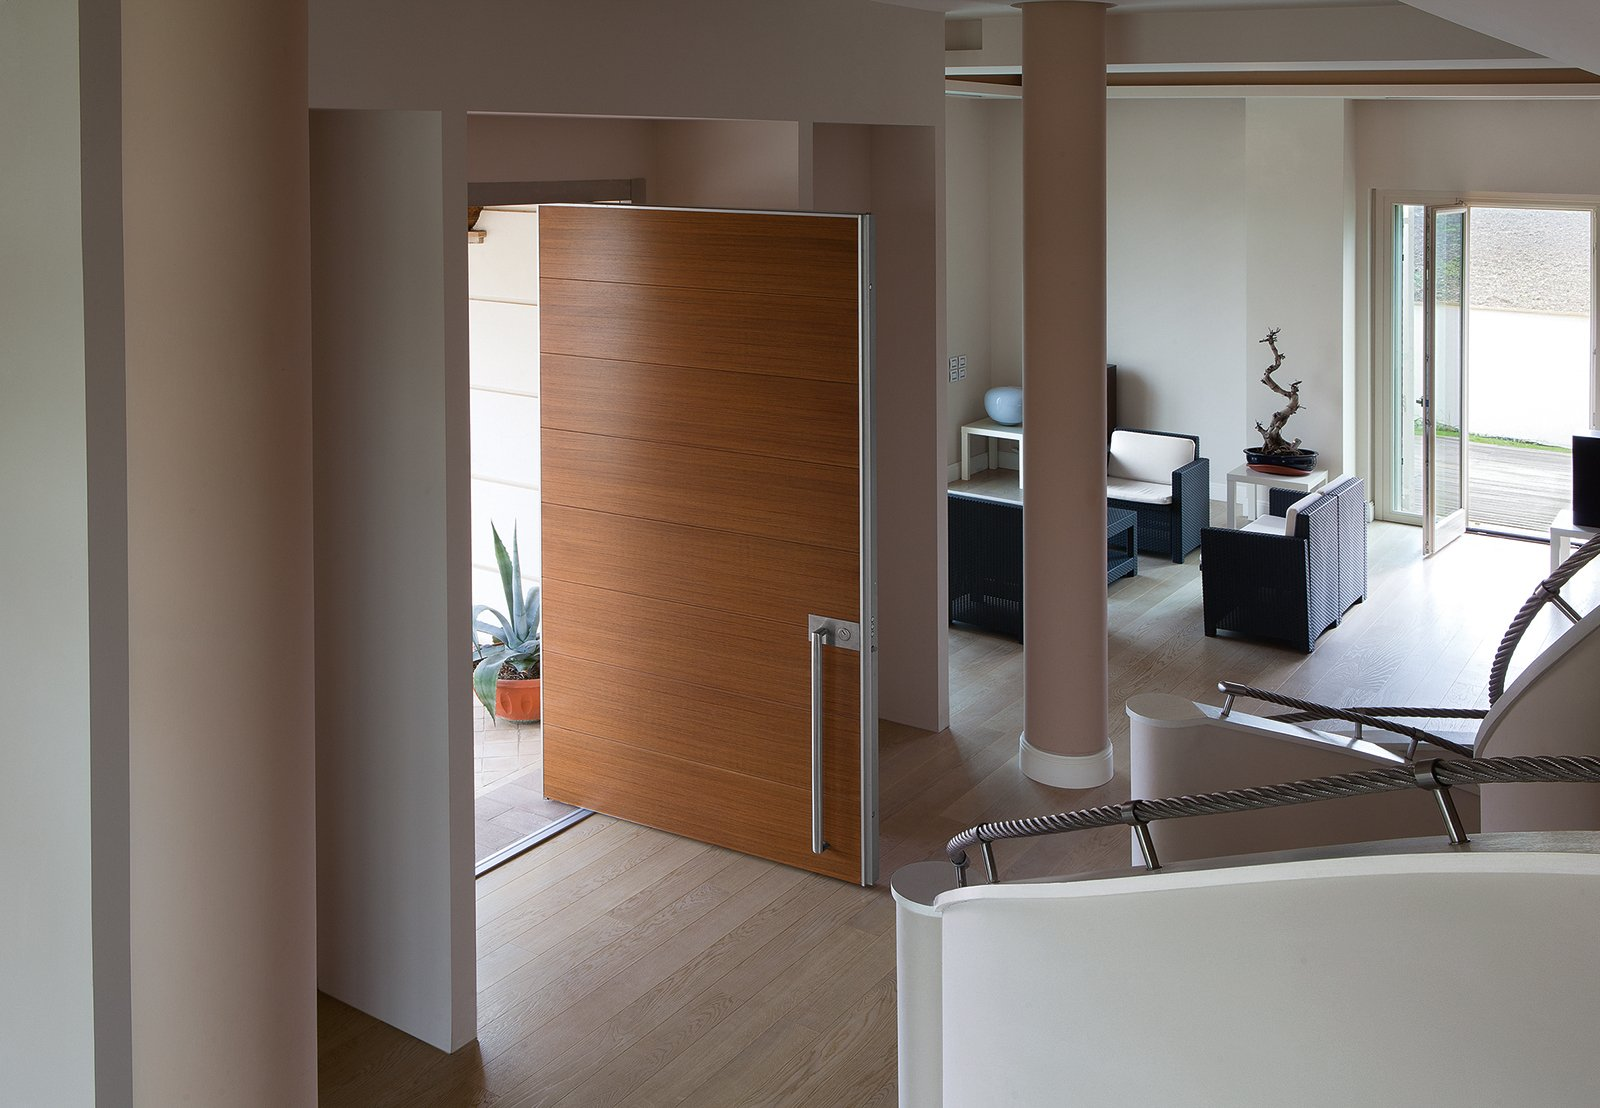 Porte e finestre di sicurezza casa protetta anche durante - Abbattimento muro interno senza dia ...